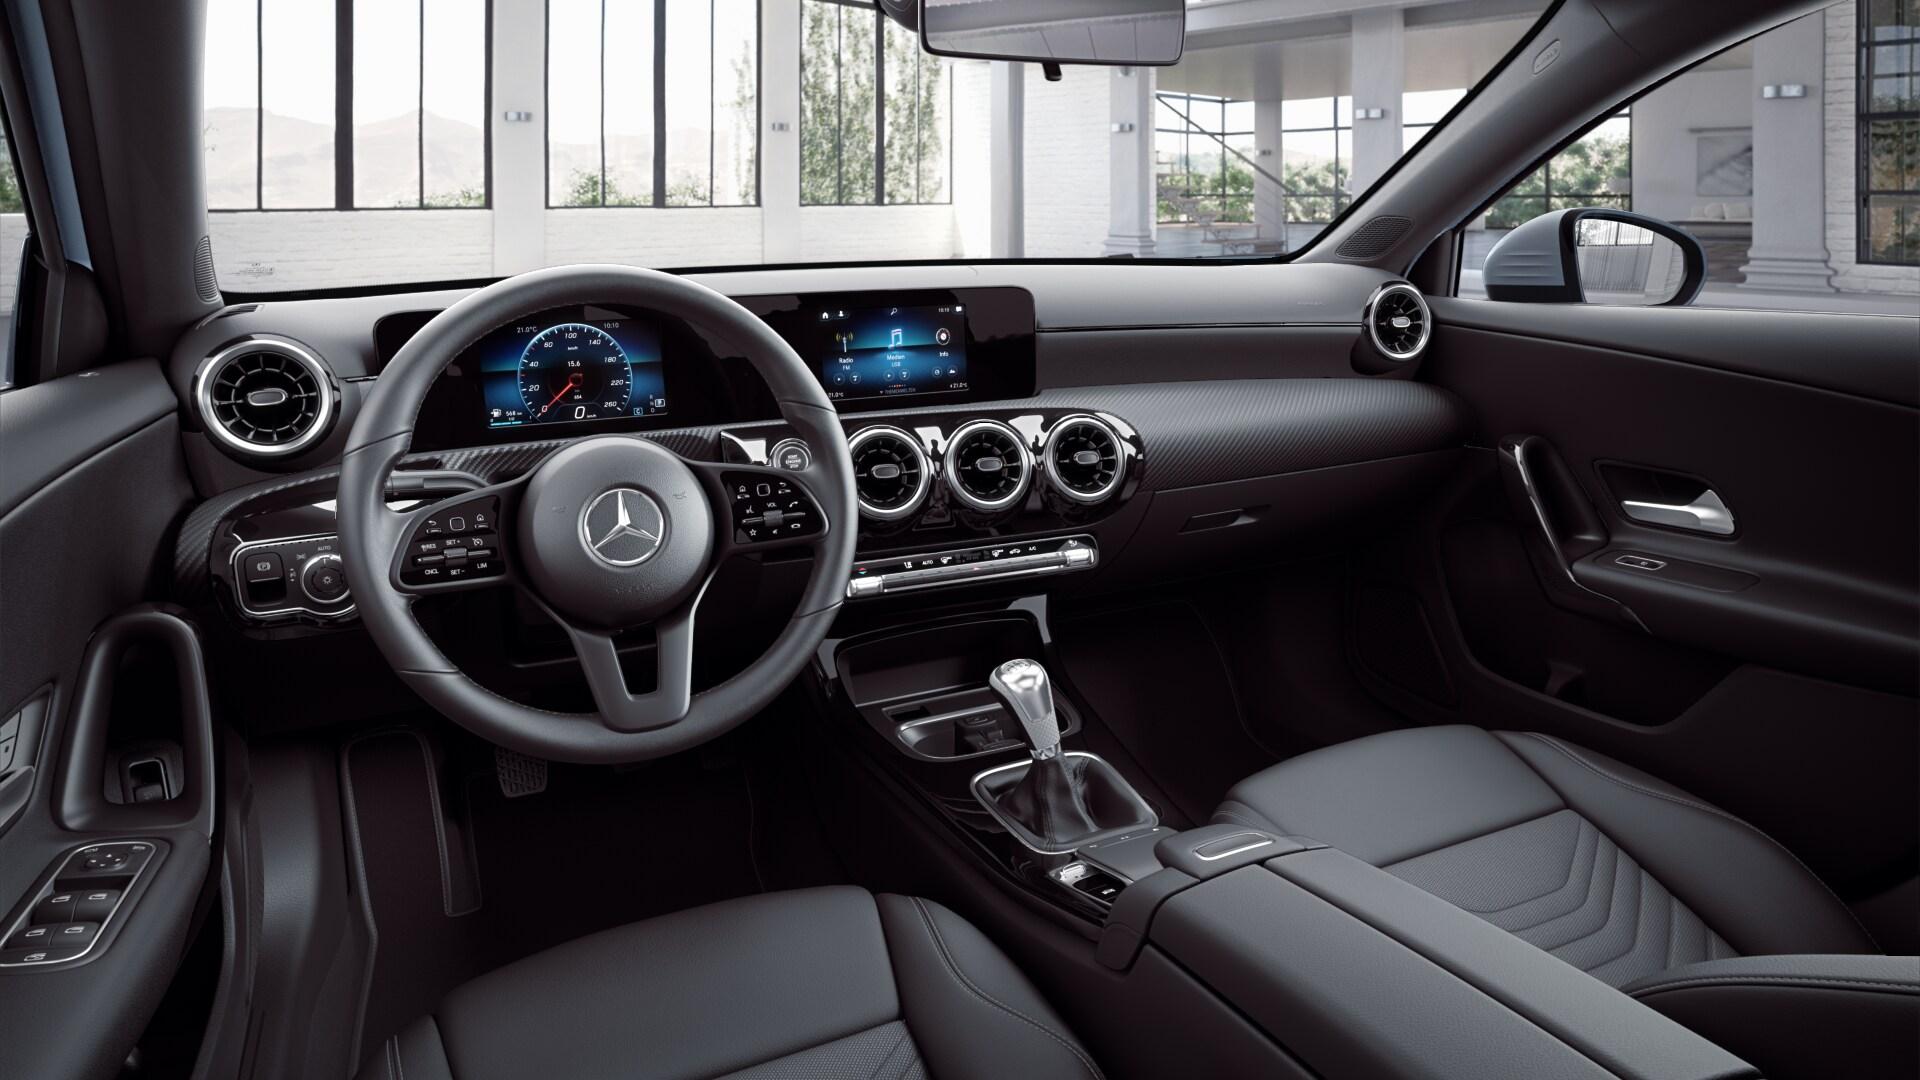 wypozyczalnia-samochodow-mercedes-a-klasa